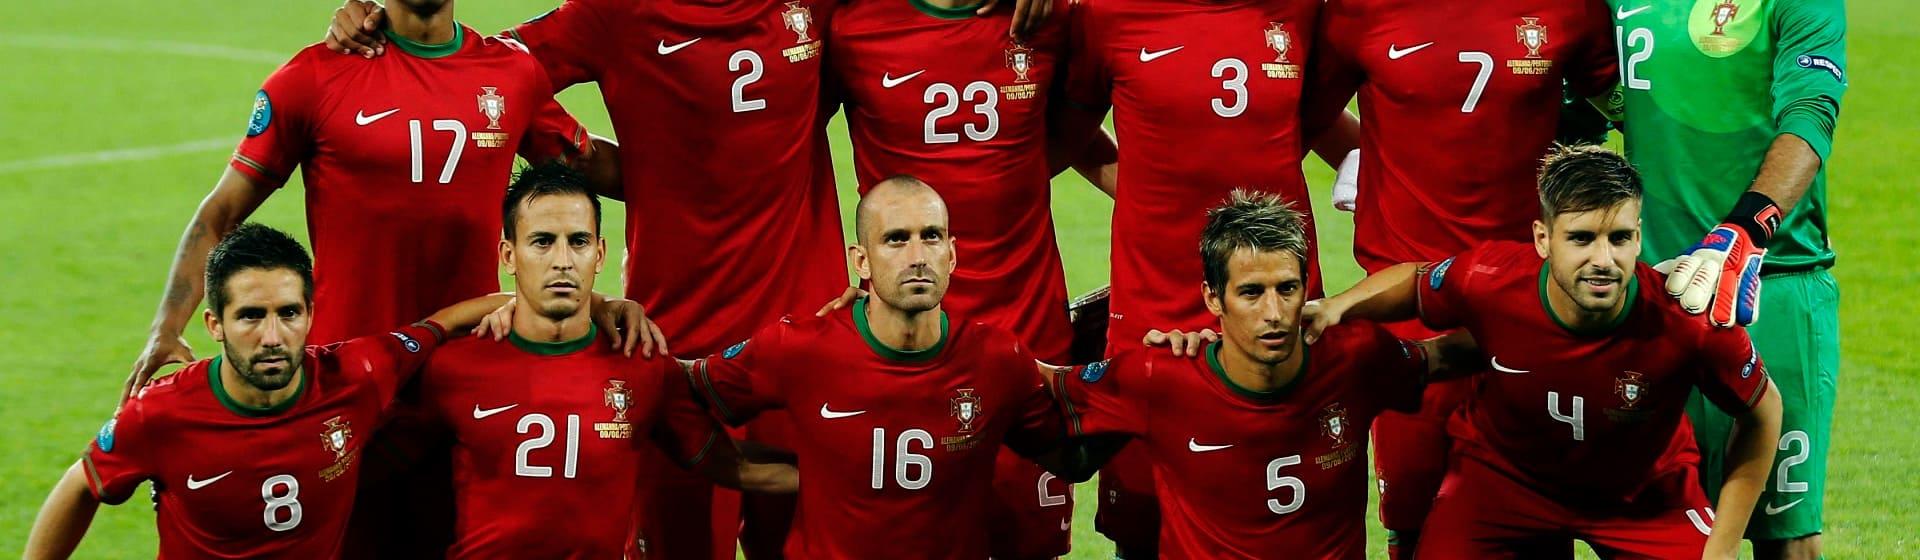 Сборная Португалии - Мерч и одежда с атрибутикой